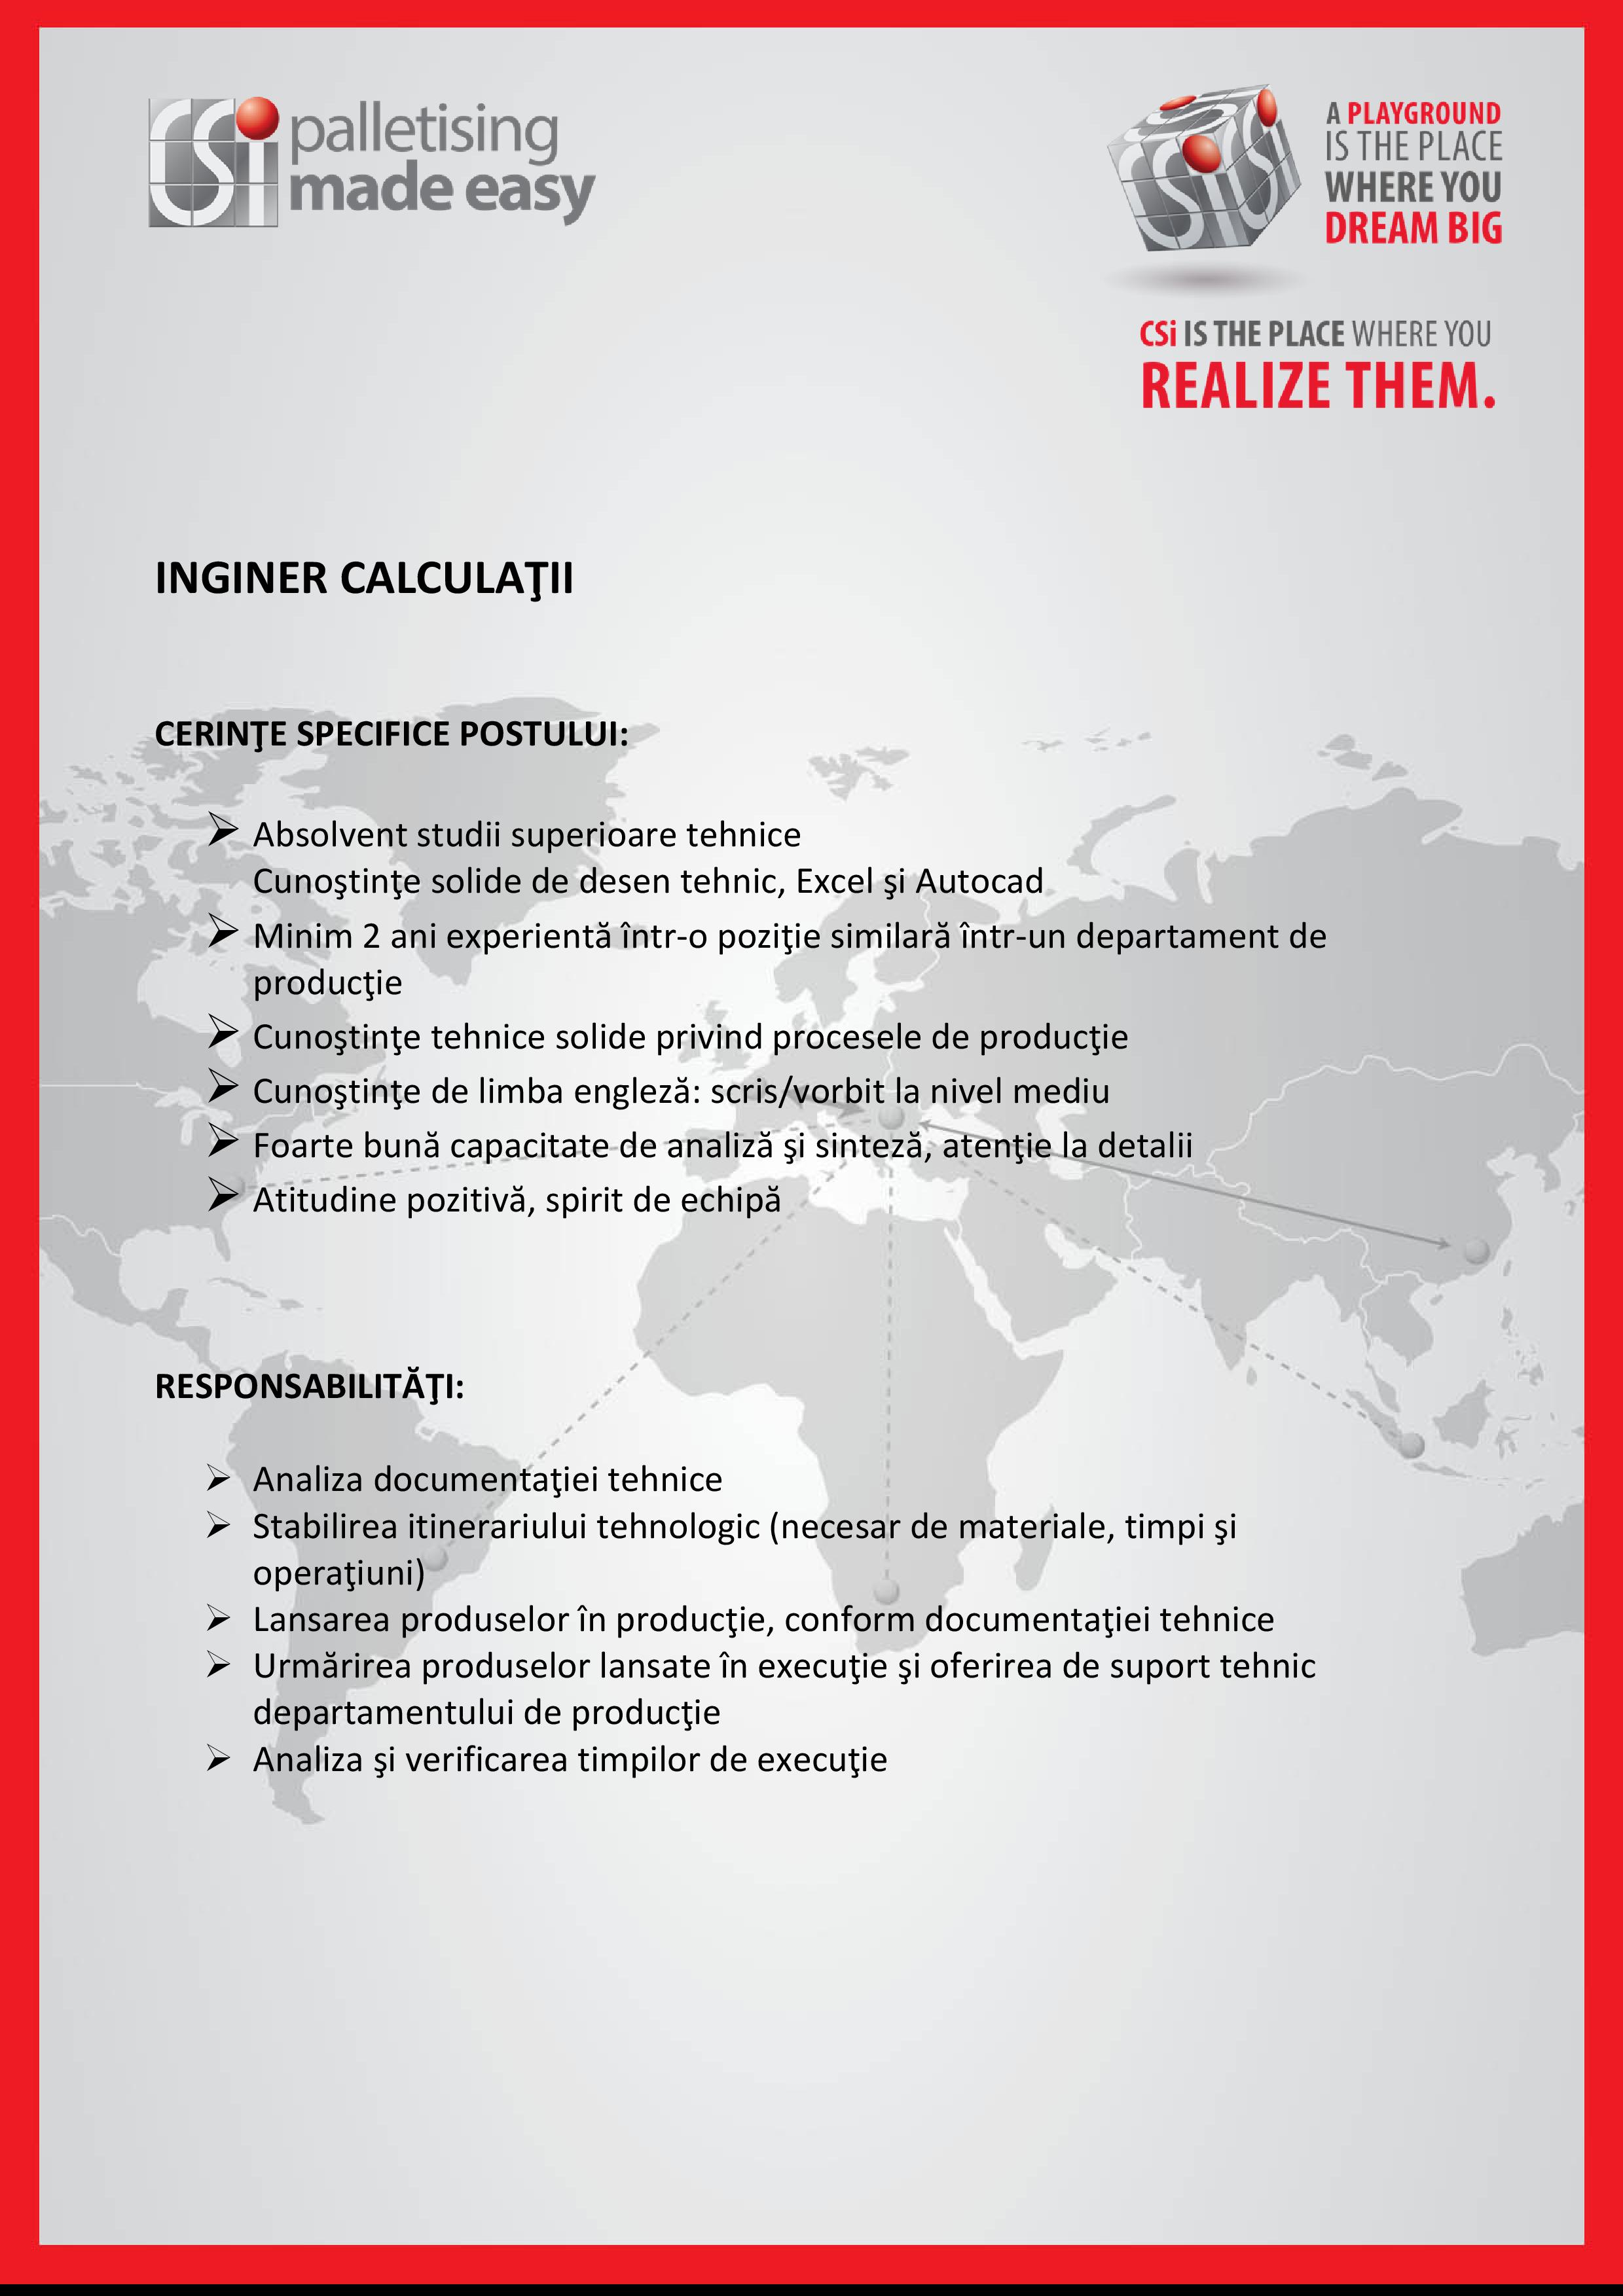 CSi layout ad Inginer CALCULATII best (2)